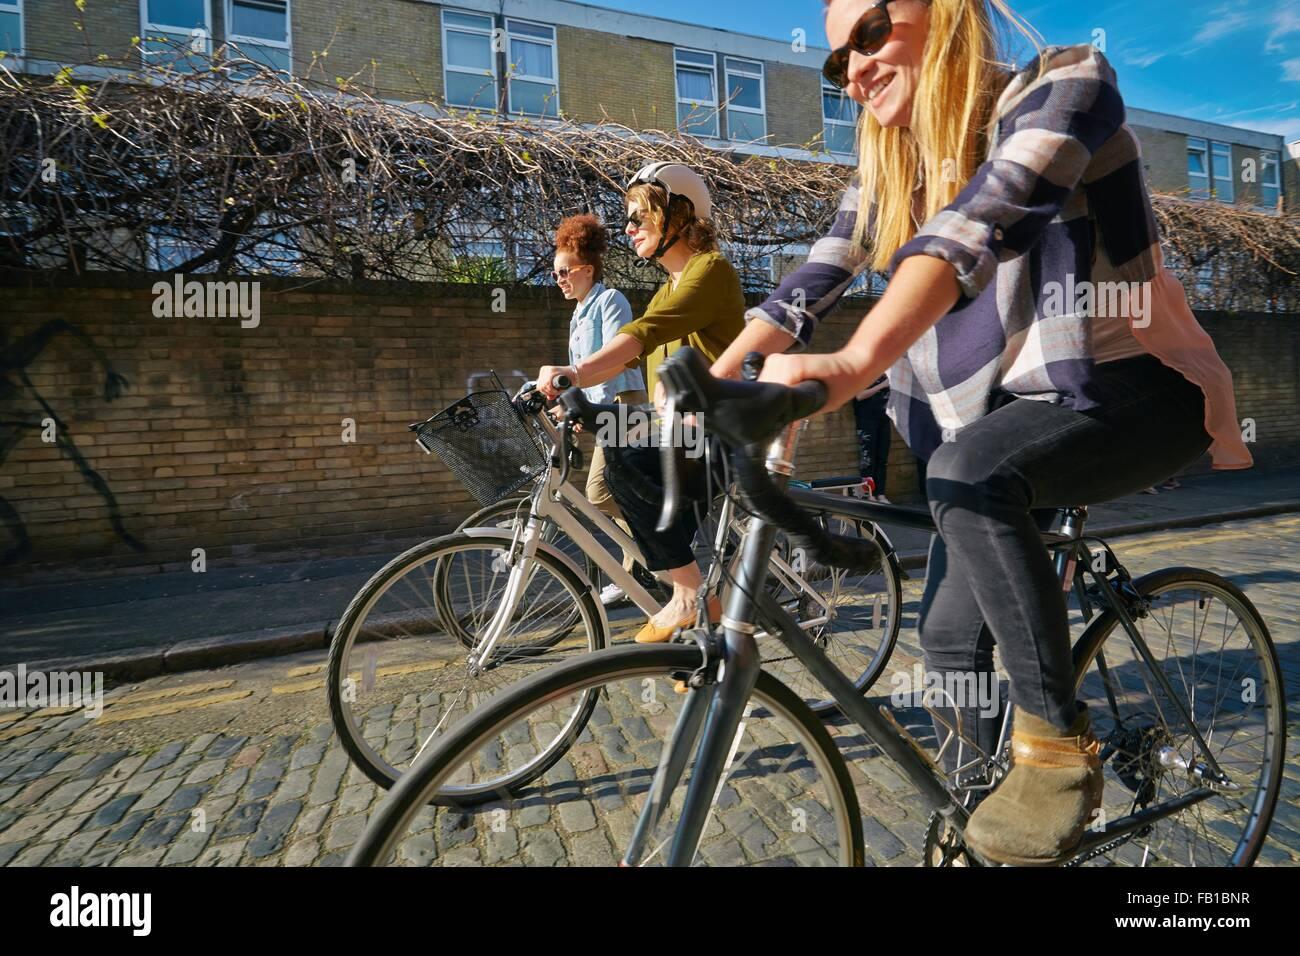 Vista laterale di donne escursioni in bicicletta sulla strada acciottolata Immagini Stock